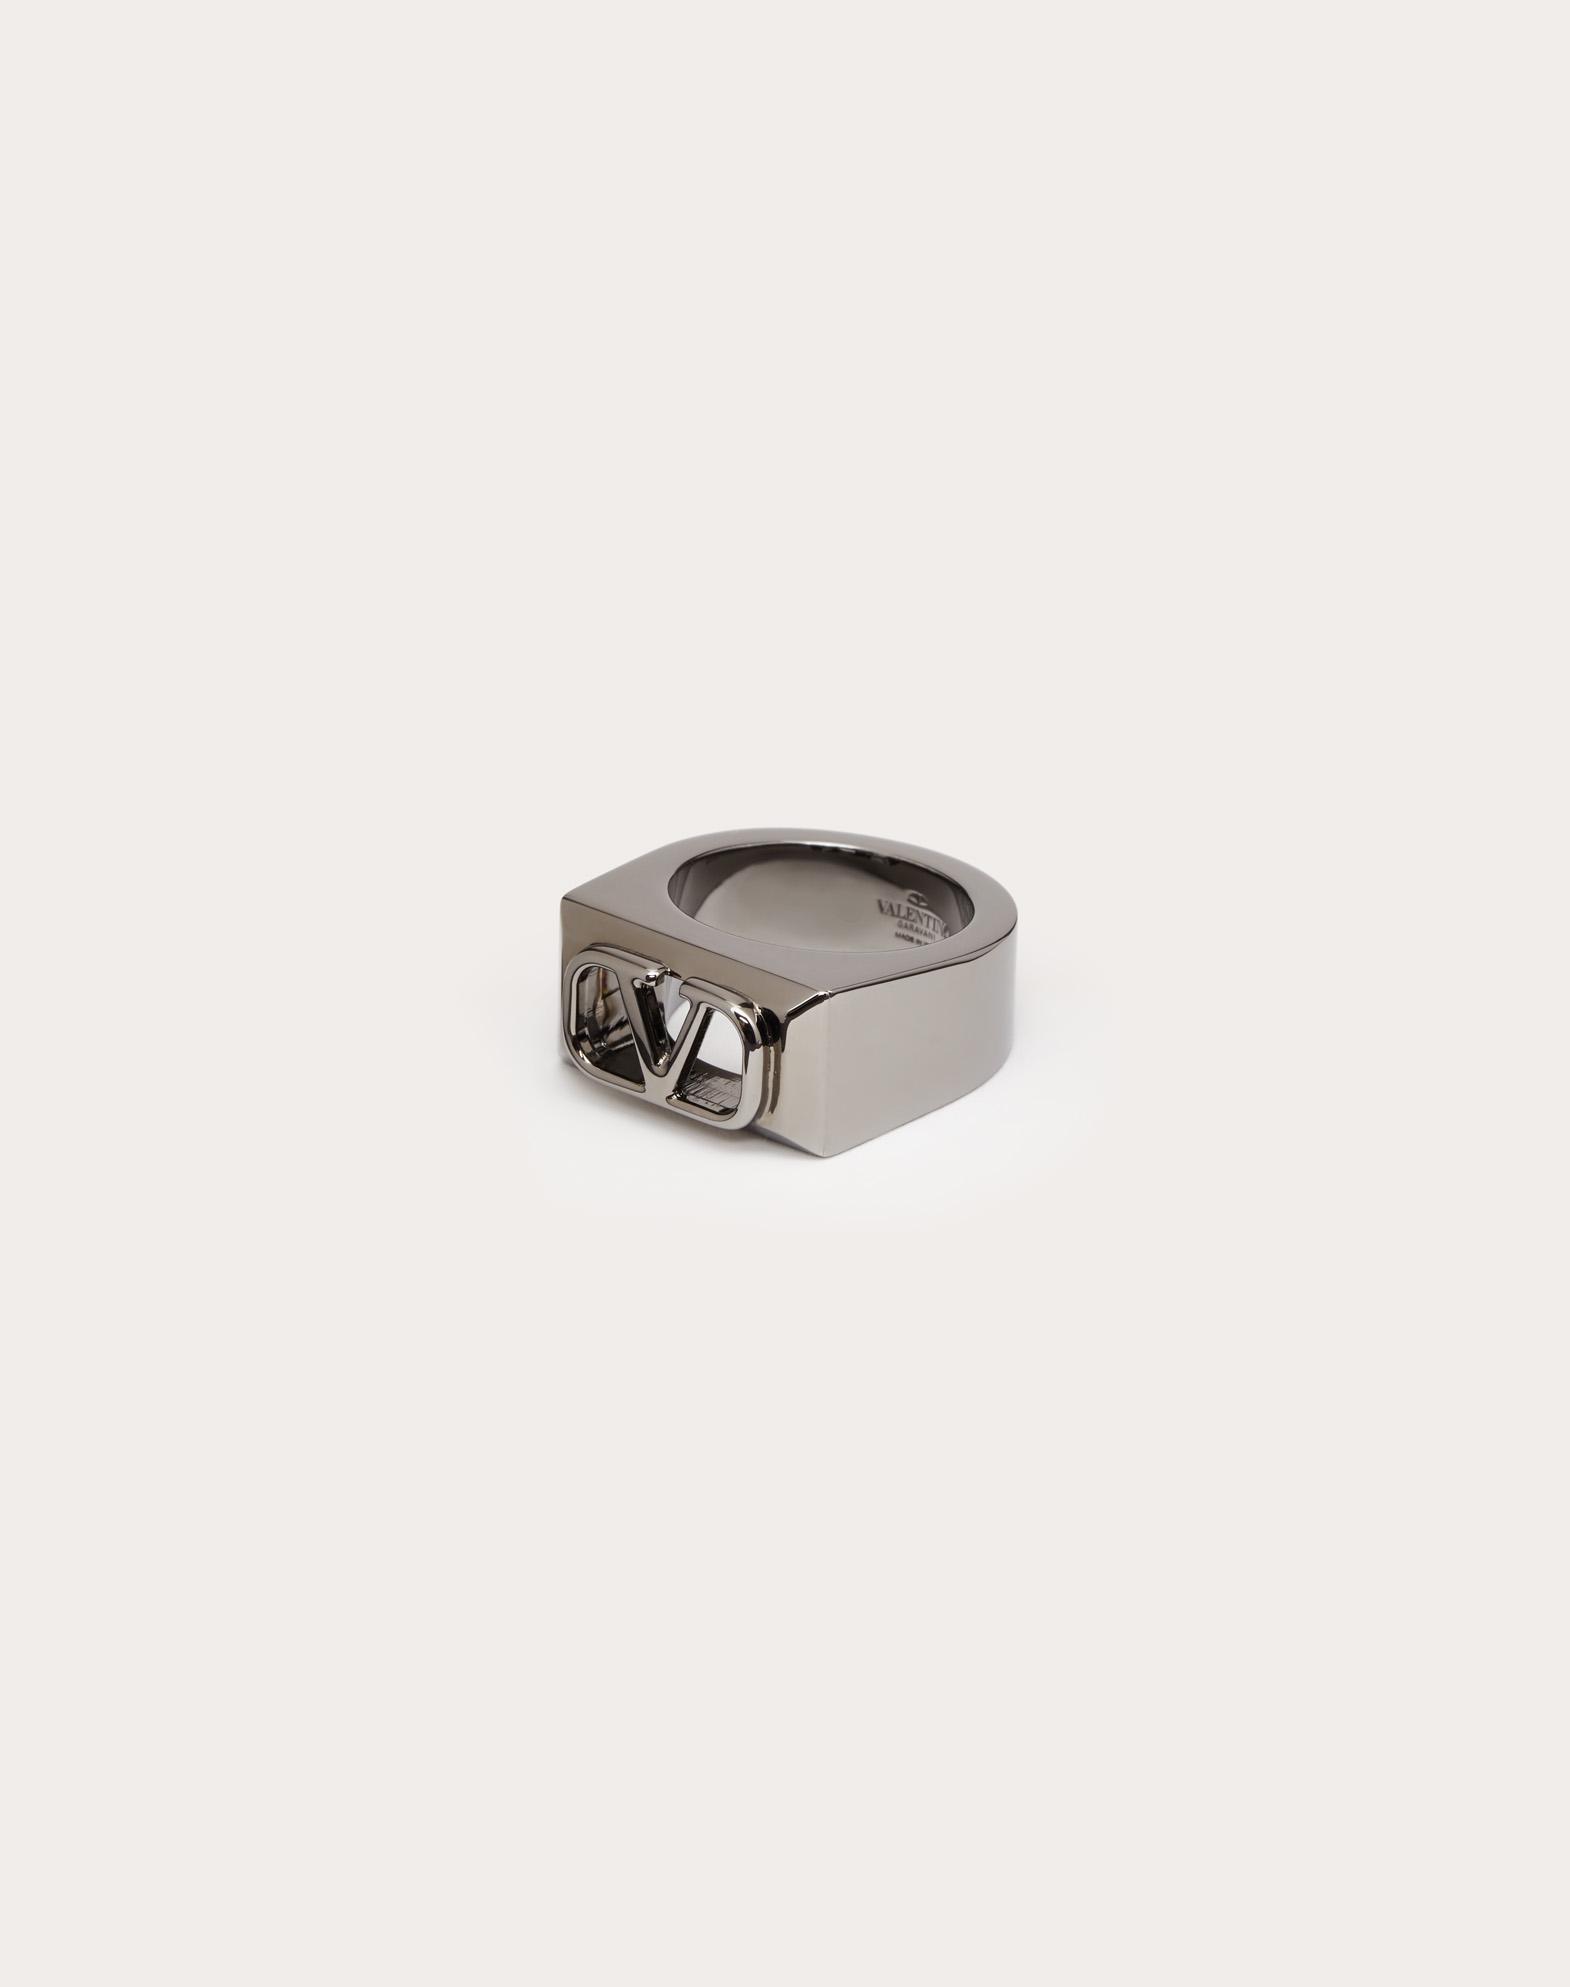 VLOGO metal ring